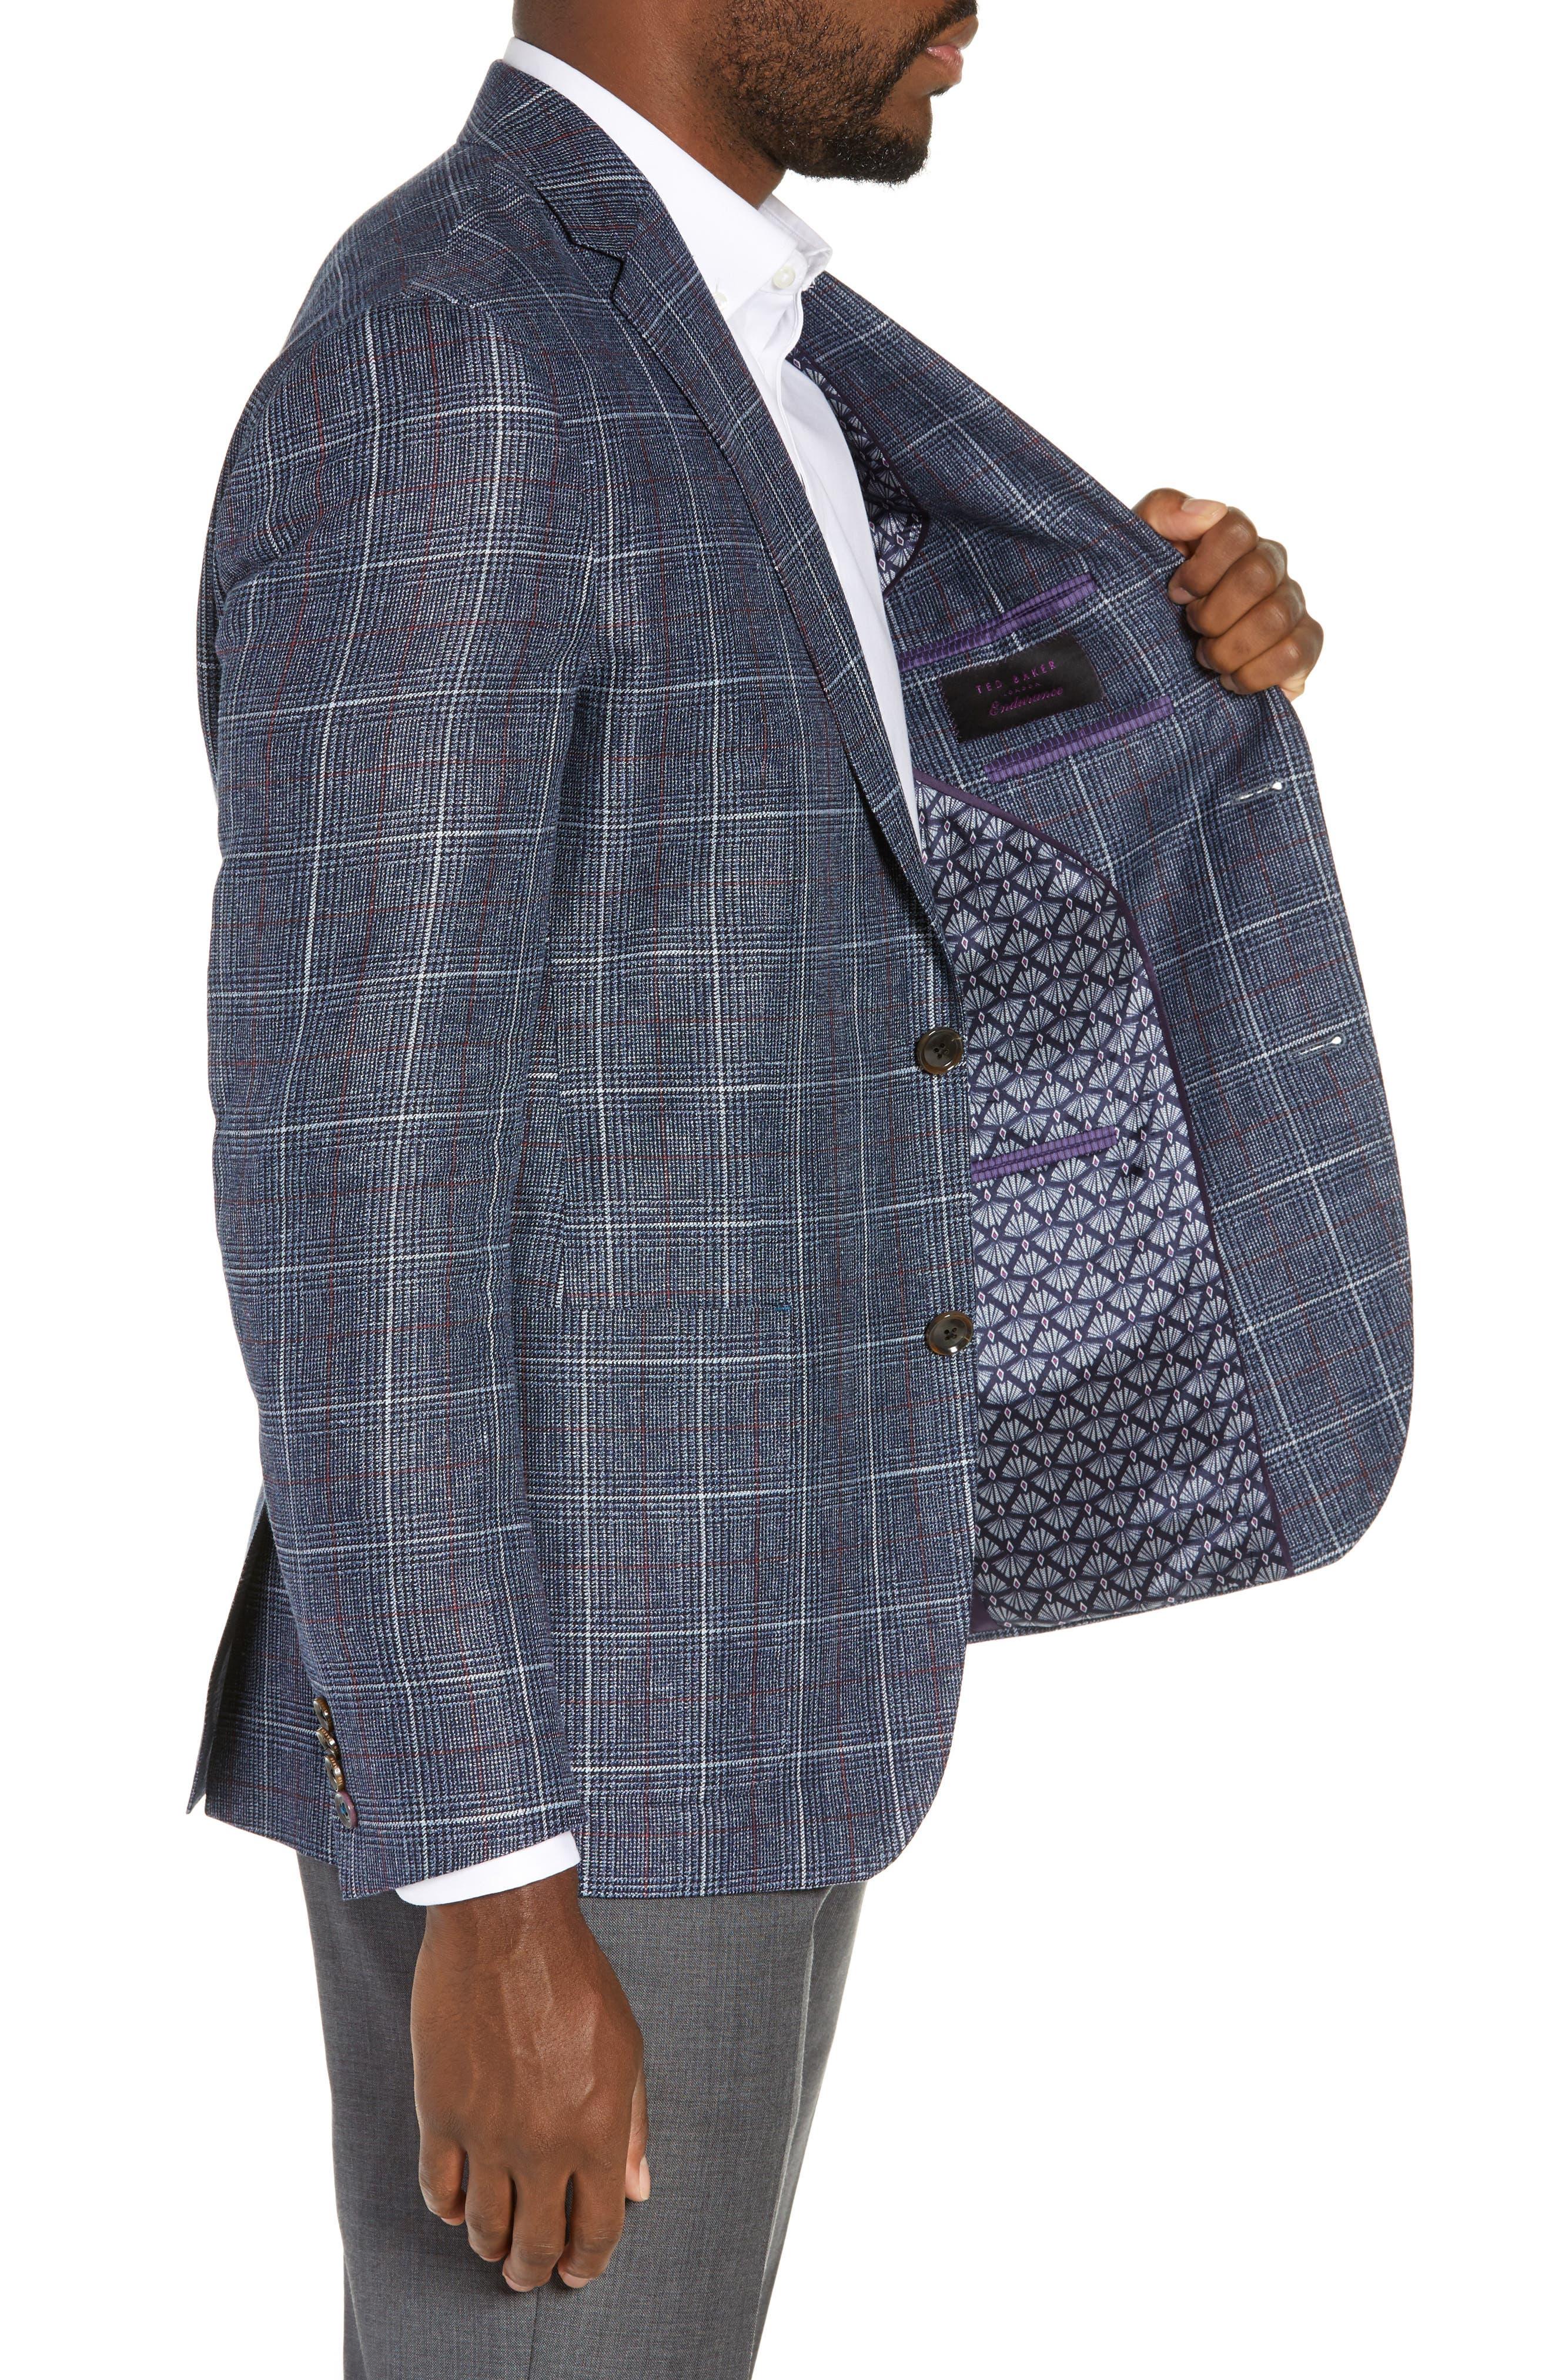 TED BAKER LONDON, Kyle Trim Fit Plaid Linen Blend Sport Coat, Alternate thumbnail 4, color, BLUE